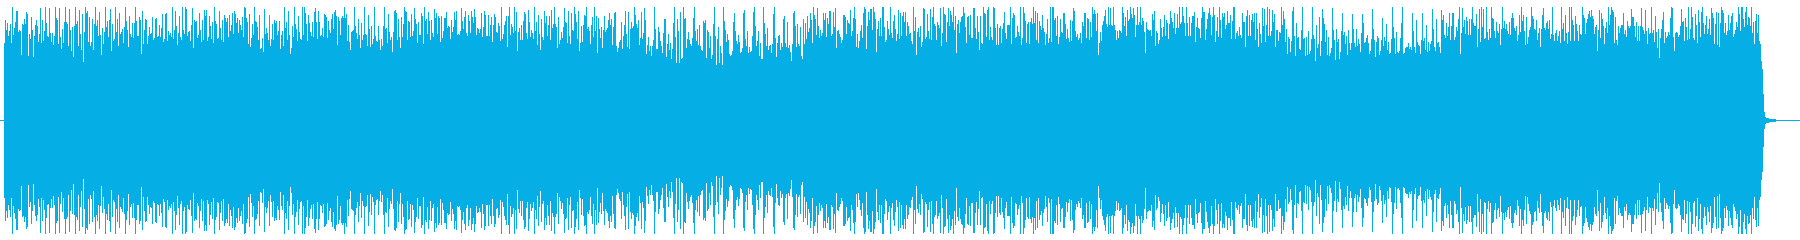 ヘビーでクールなハウスミュージックの再生済みの波形